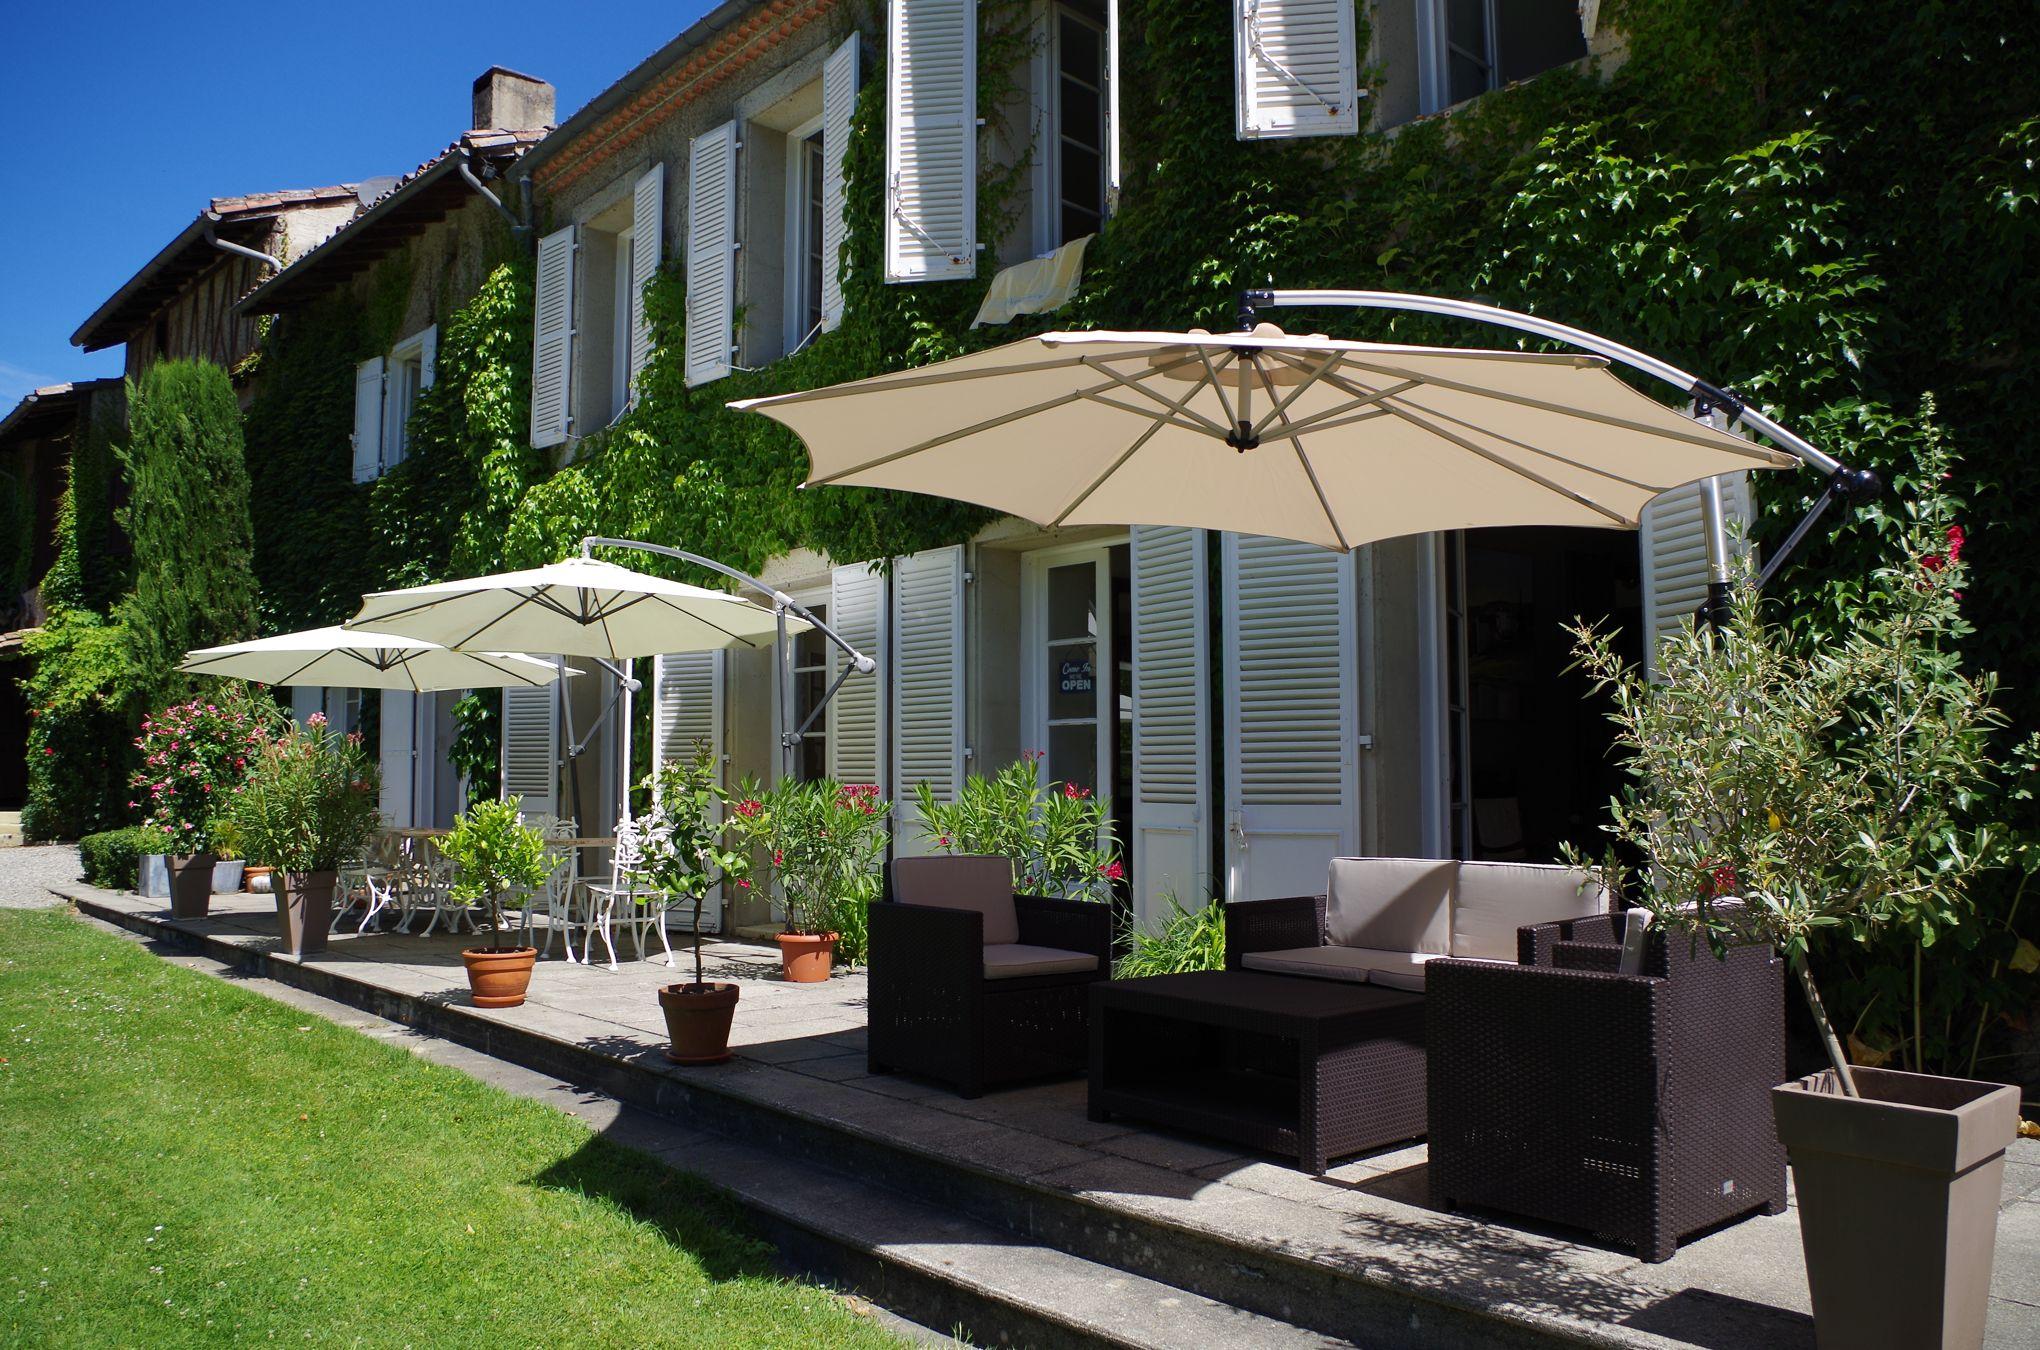 nos plus belles chambres d 39 h tes dans le sud. Black Bedroom Furniture Sets. Home Design Ideas